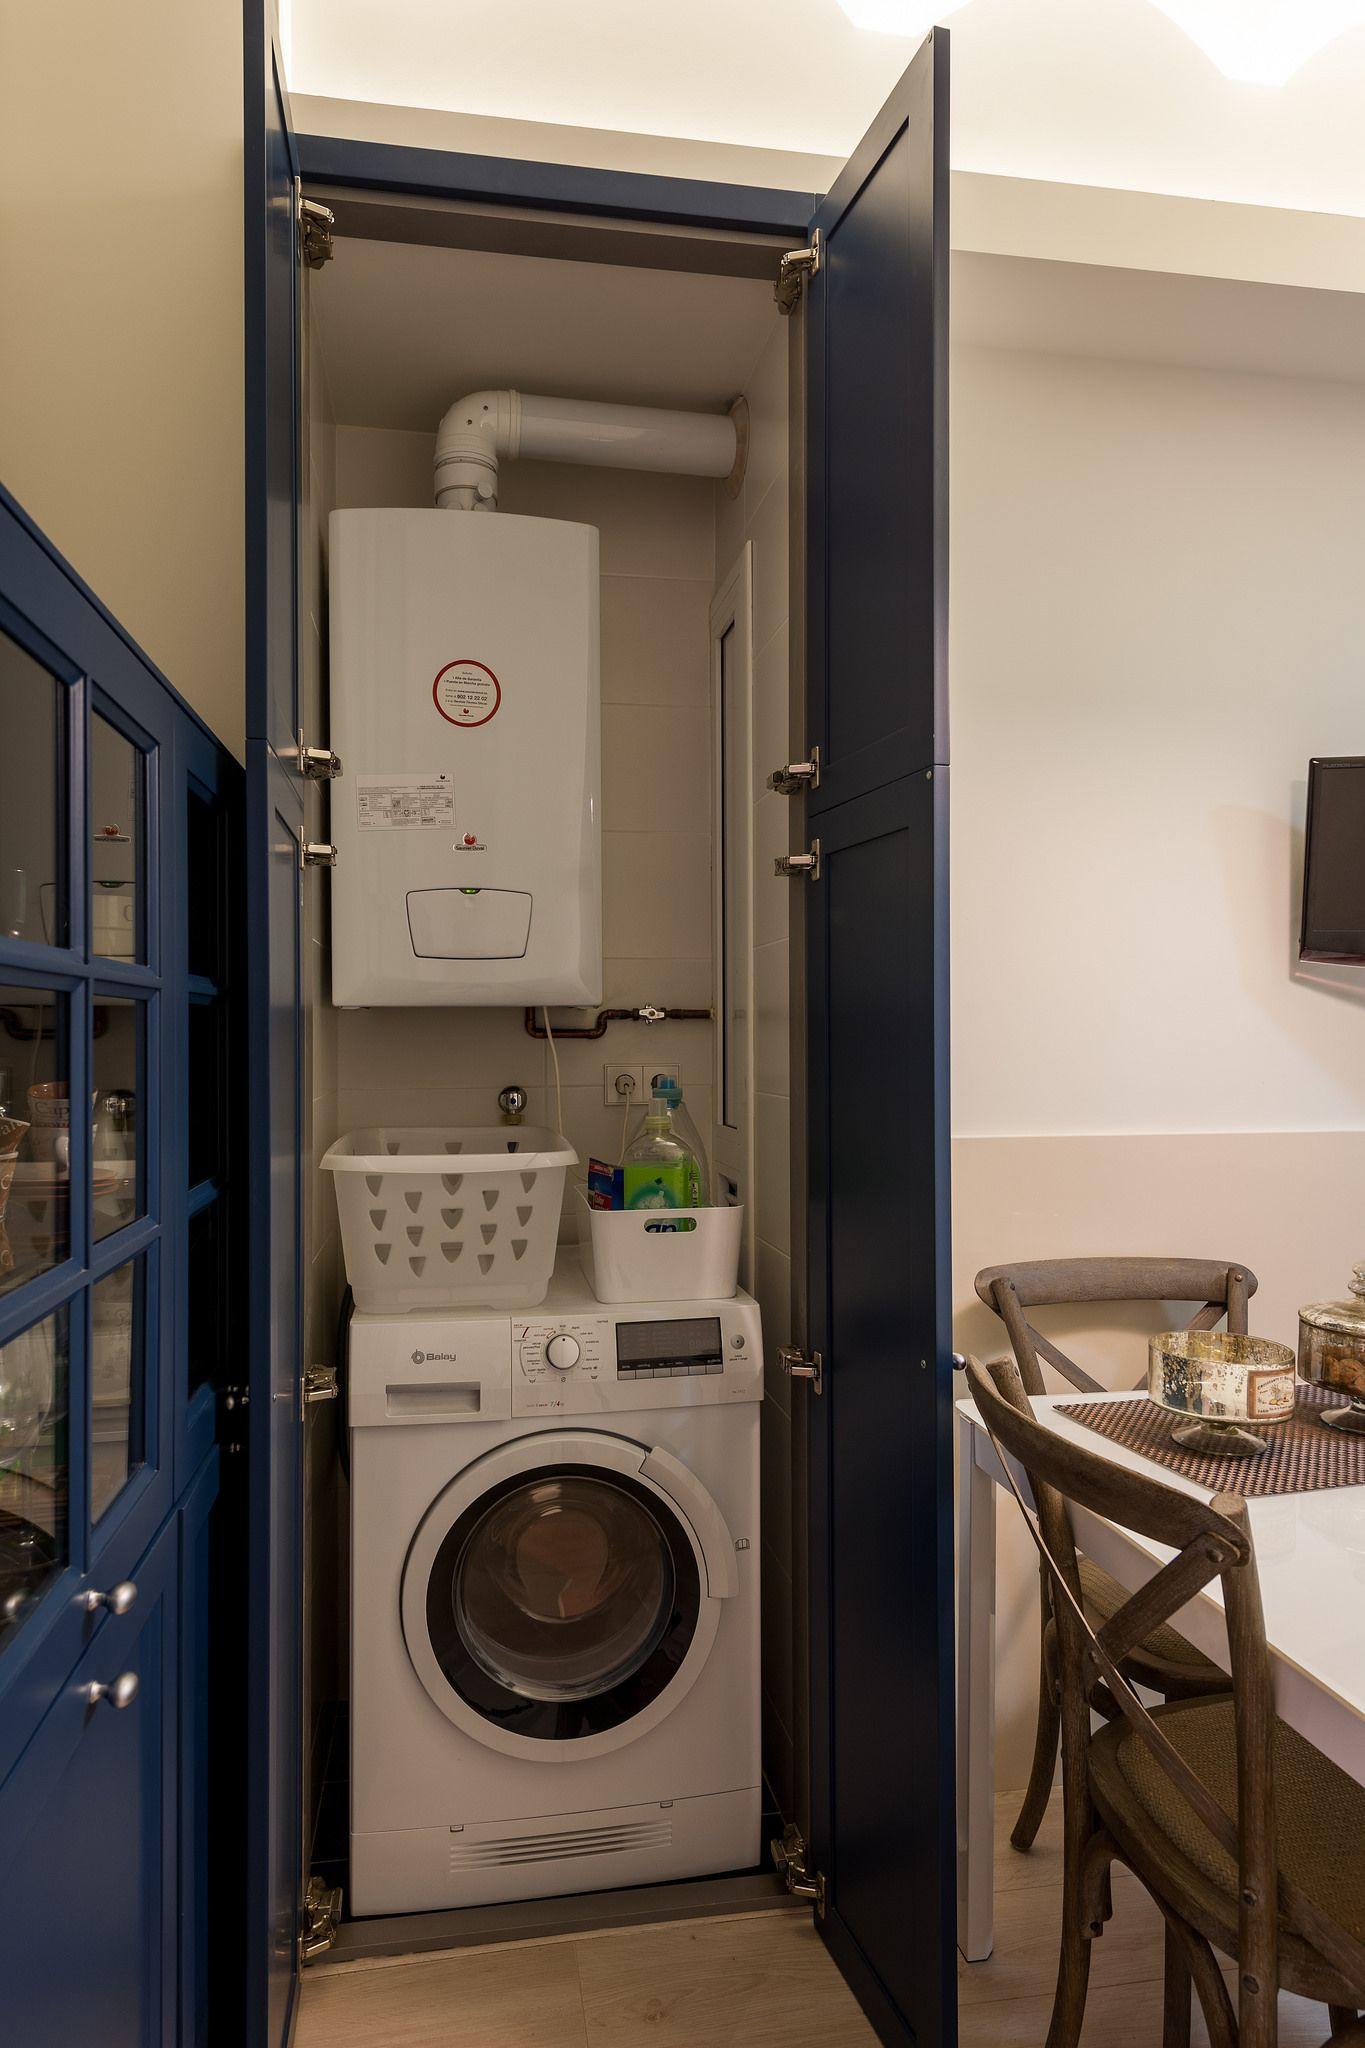 Coordinar gabinete de la cocina piso de madera de color - Armario Cocina Para Calentador Y Lavadora